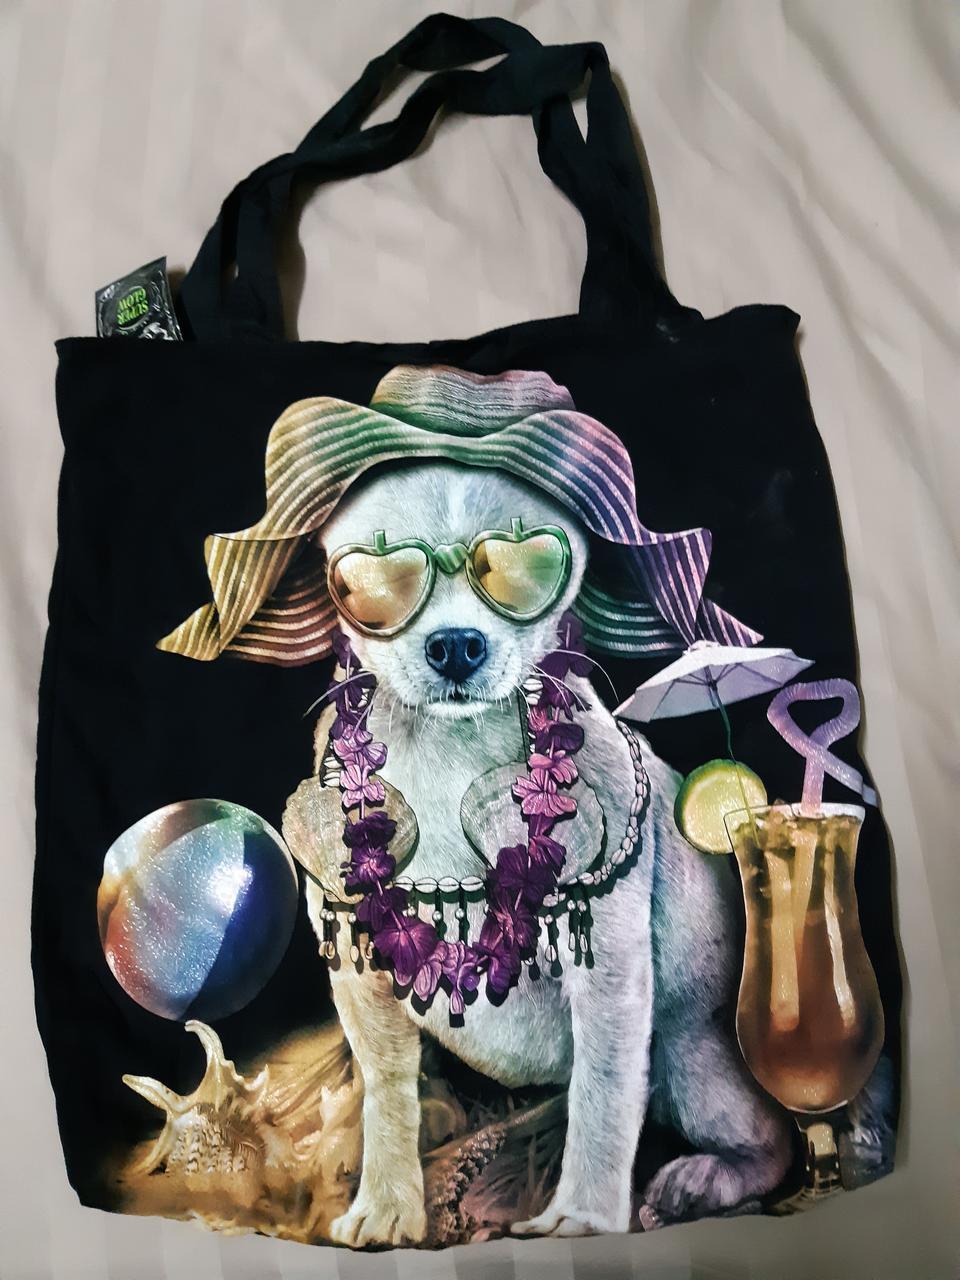 กระเป๋าผ้าอินดี้ รูปที่ 1